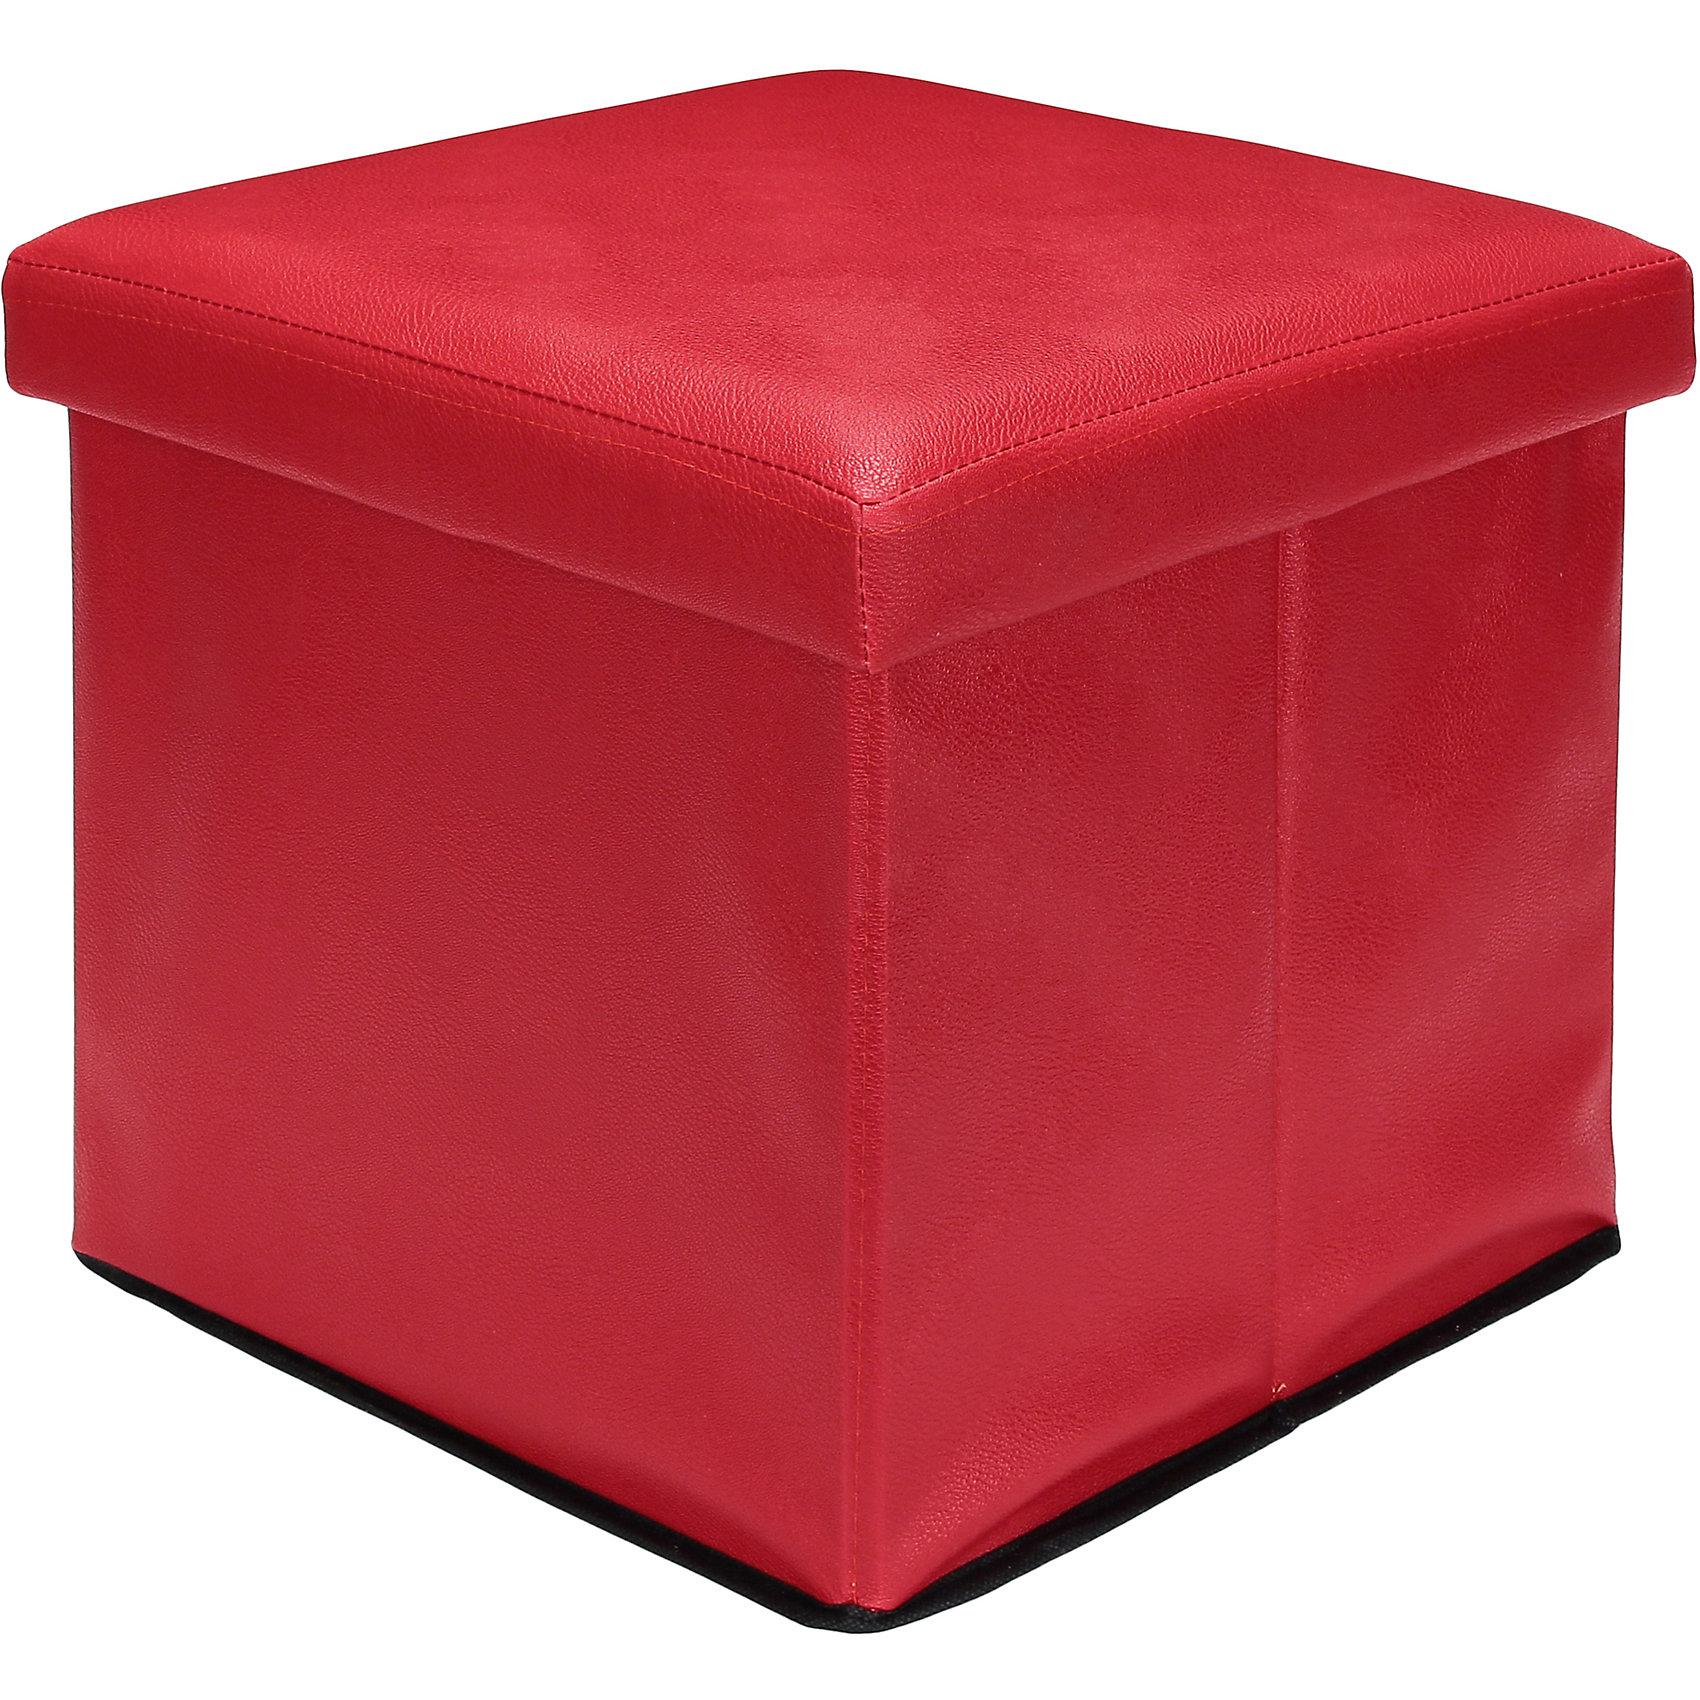 Пуф складной с ящиком для хранения 35*35*35 см. Красный, EL CasaПорядок в детской<br>Характеристики товара:<br><br>• цвет: красный<br>• материал: МДФ, экокожа<br>• размер: 35 х 35 х 35 см<br>• вес: 1000 г<br>• легко складывается<br>• с ящиком для хранения<br>• удобный<br>• вместительный<br>• универсальный размер<br>• страна бренда: Российская Федерация<br>• страна производства: Китай<br><br>Такой пуф - отличный пример красивой и функциональной вещи для любого интерьера. В нем удобной хранить различные мелочи, благодаря универсальному дизайну и расцветке он хорошо будет смотреться в помещении.<br><br>Пуф для хранения может стать отличным приобретением для дома или подарком для любителей красивых оригинальных вещей.<br><br>Бренд EL Casa - это красивые и практичные товары для дома с современным дизайном. Они добавляют в жильё уюта и комфорта! <br><br>Пуф складной с ящиком для хранения 35*35*35 см. Красный, EL Casa можно купить в нашем интернет-магазине.<br><br>Ширина мм: 350<br>Глубина мм: 350<br>Высота мм: 50<br>Вес г: 2050<br>Возраст от месяцев: 0<br>Возраст до месяцев: 1188<br>Пол: Унисекс<br>Возраст: Детский<br>SKU: 6668683